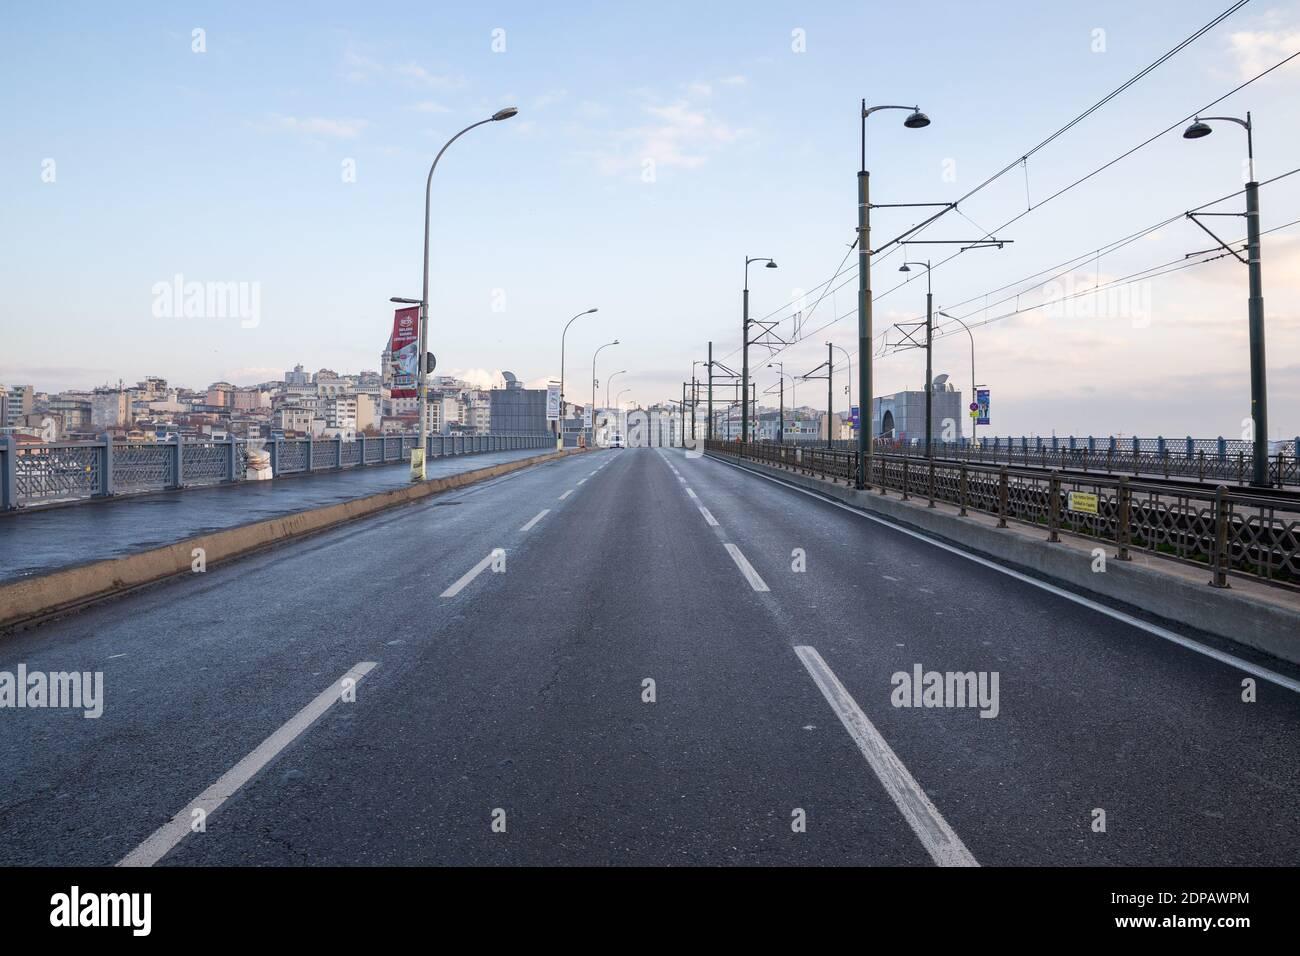 Vista dal Ponte di Galata, Istanbul in Turchia il 6 dicembre 2020. Le strade di Istanbul, che sono vuote a causa del coprifuoco nel fine settimana. Foto Stock